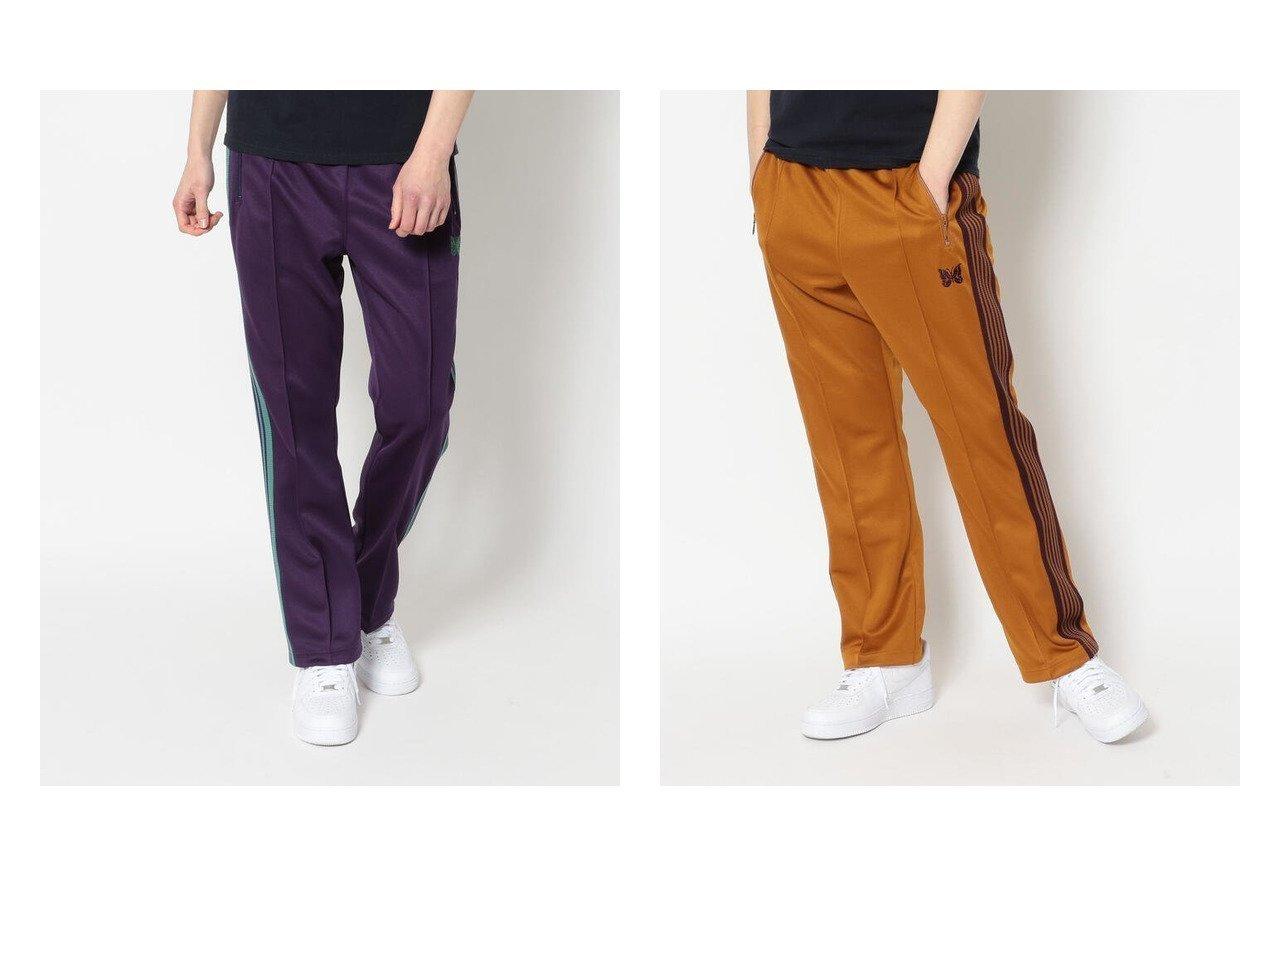 【UNCUT BOUND / MEN/アンカットバウンド】のNEEDLES(ニードルズ) Narrow Track Pant 【MEN】おすすめ!人気トレンド・男性、メンズファッションの通販 おすすめで人気の流行・トレンド、ファッションの通販商品 メンズファッション・キッズファッション・インテリア・家具・レディースファッション・服の通販 founy(ファニー) https://founy.com/ ファッション Fashion メンズファッション MEN ボトムス Bottoms Men 春 Spring ジャージー スタイリッシュ 定番 Standard 人気 S/S 春夏 SS Spring/Summer NEW・新作・新着・新入荷 New Arrivals |ID:crp329100000018436